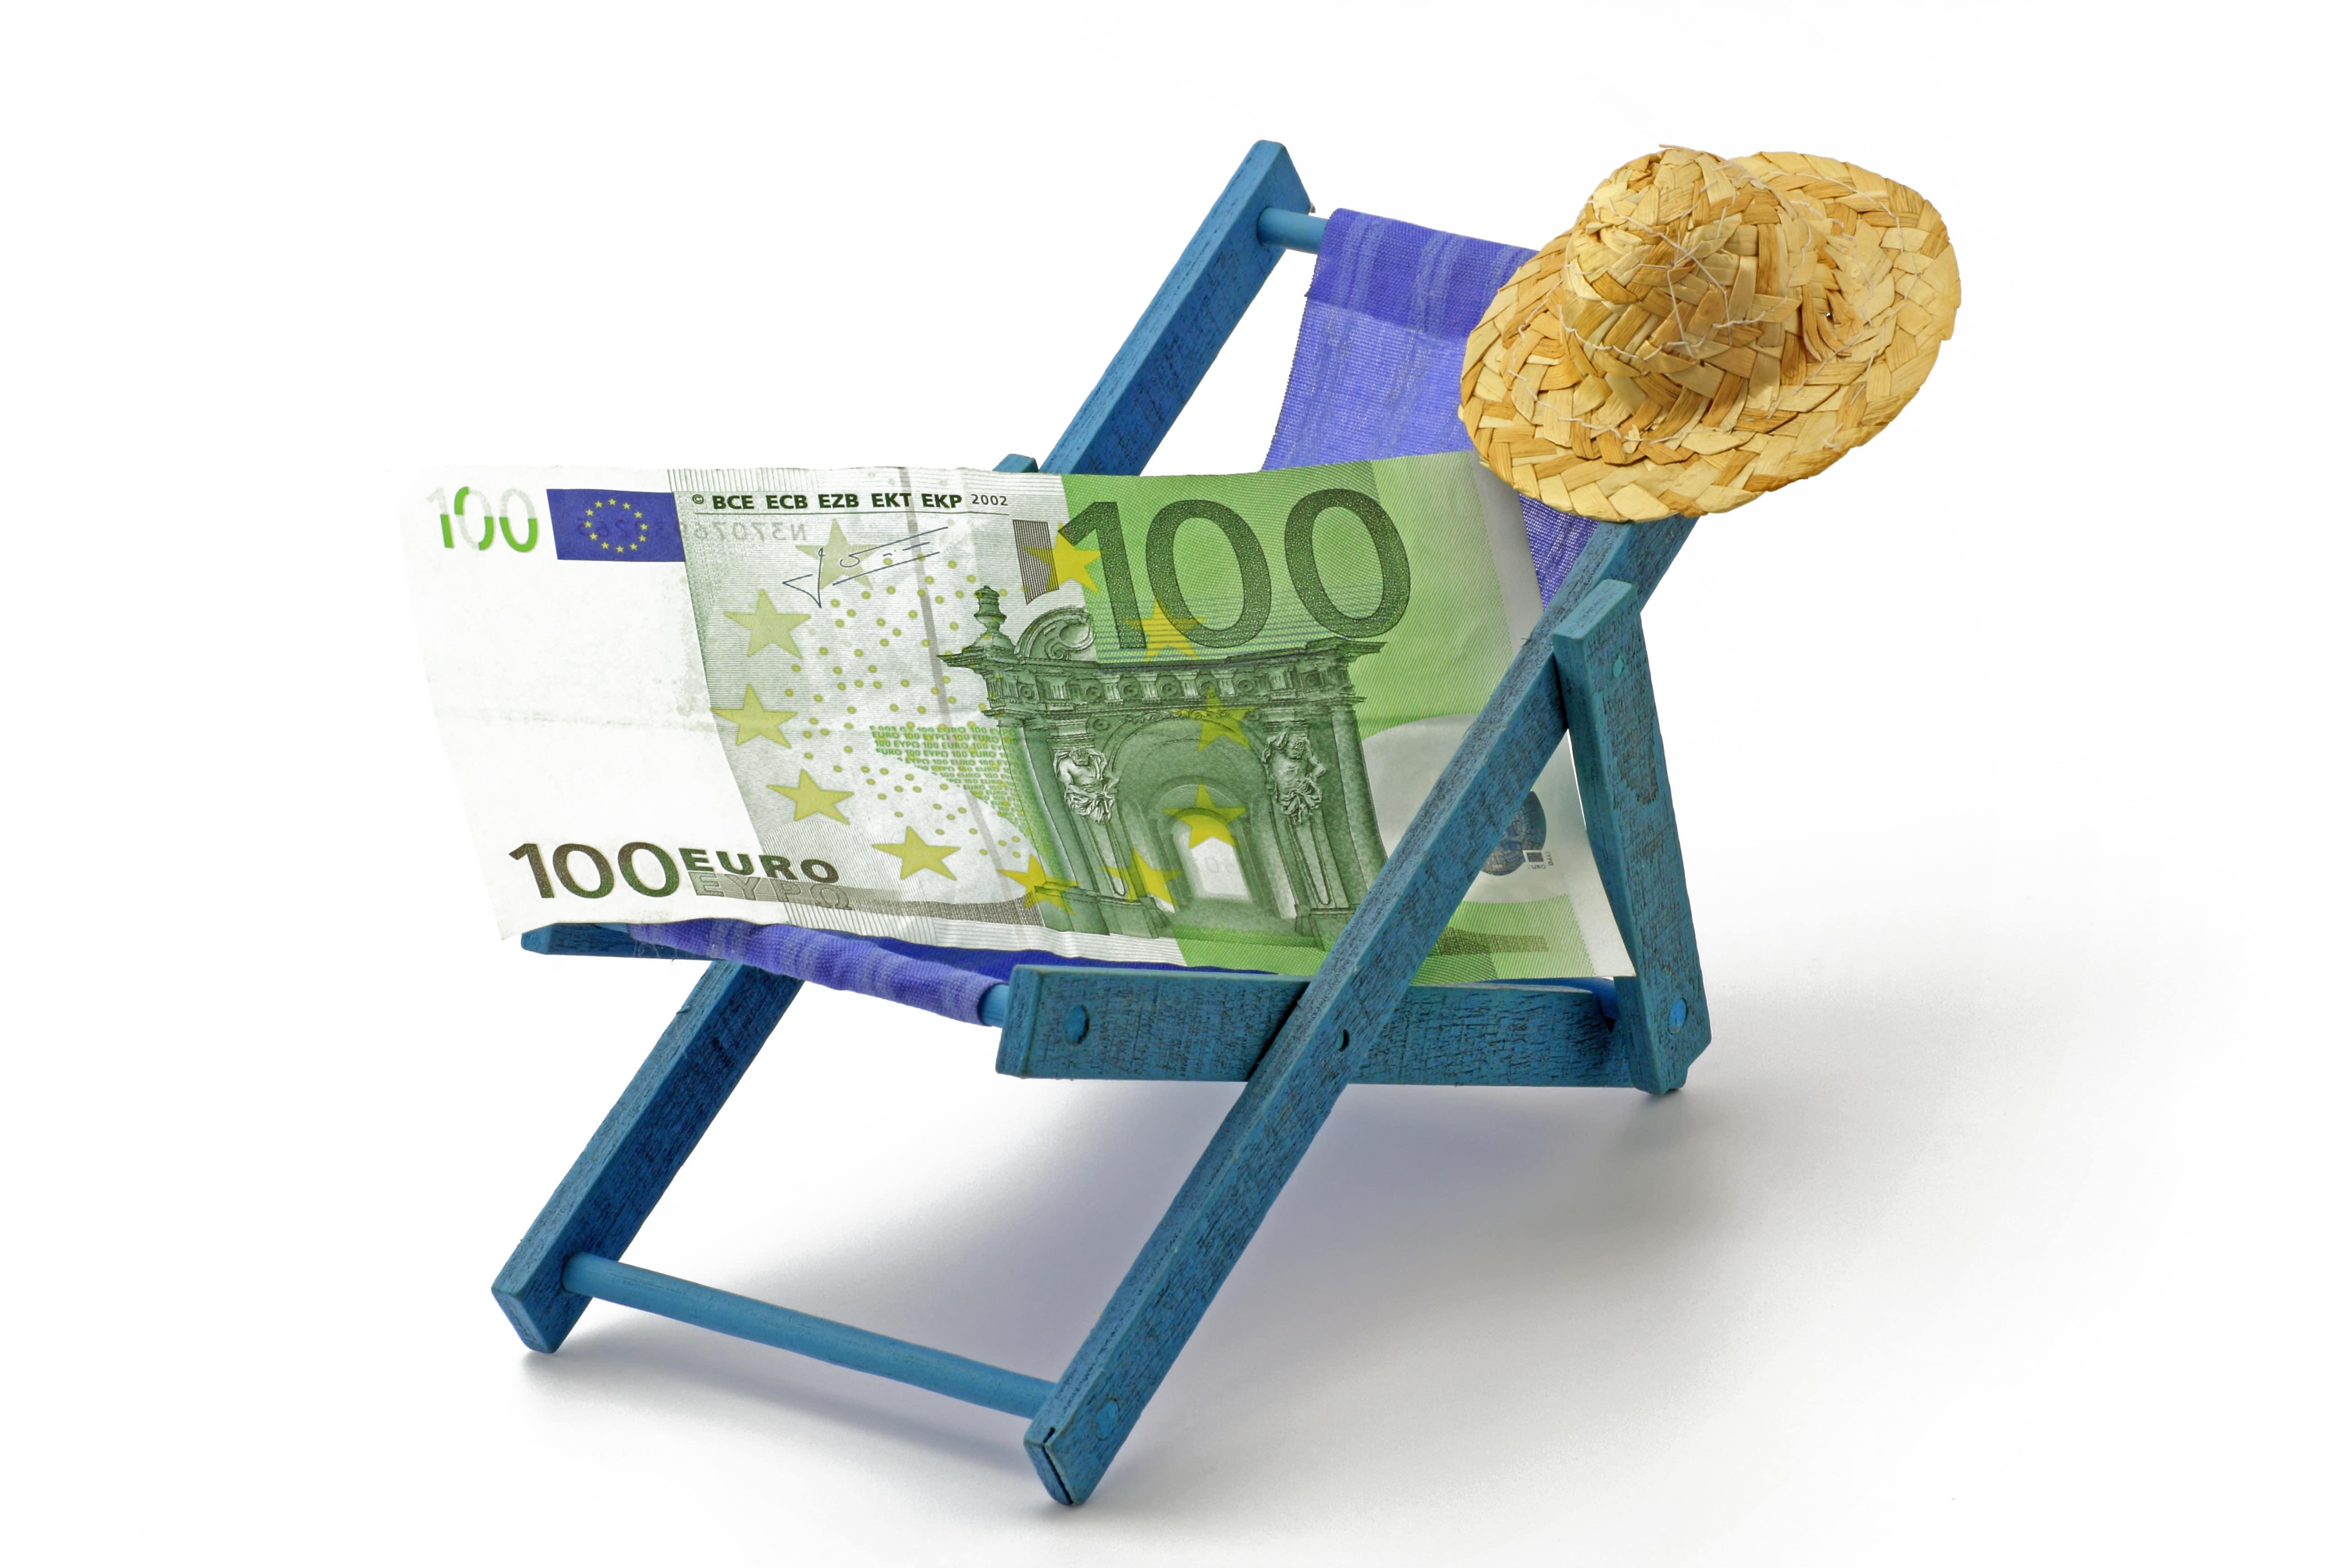 prestamistas en Benalmádena particulares y privados